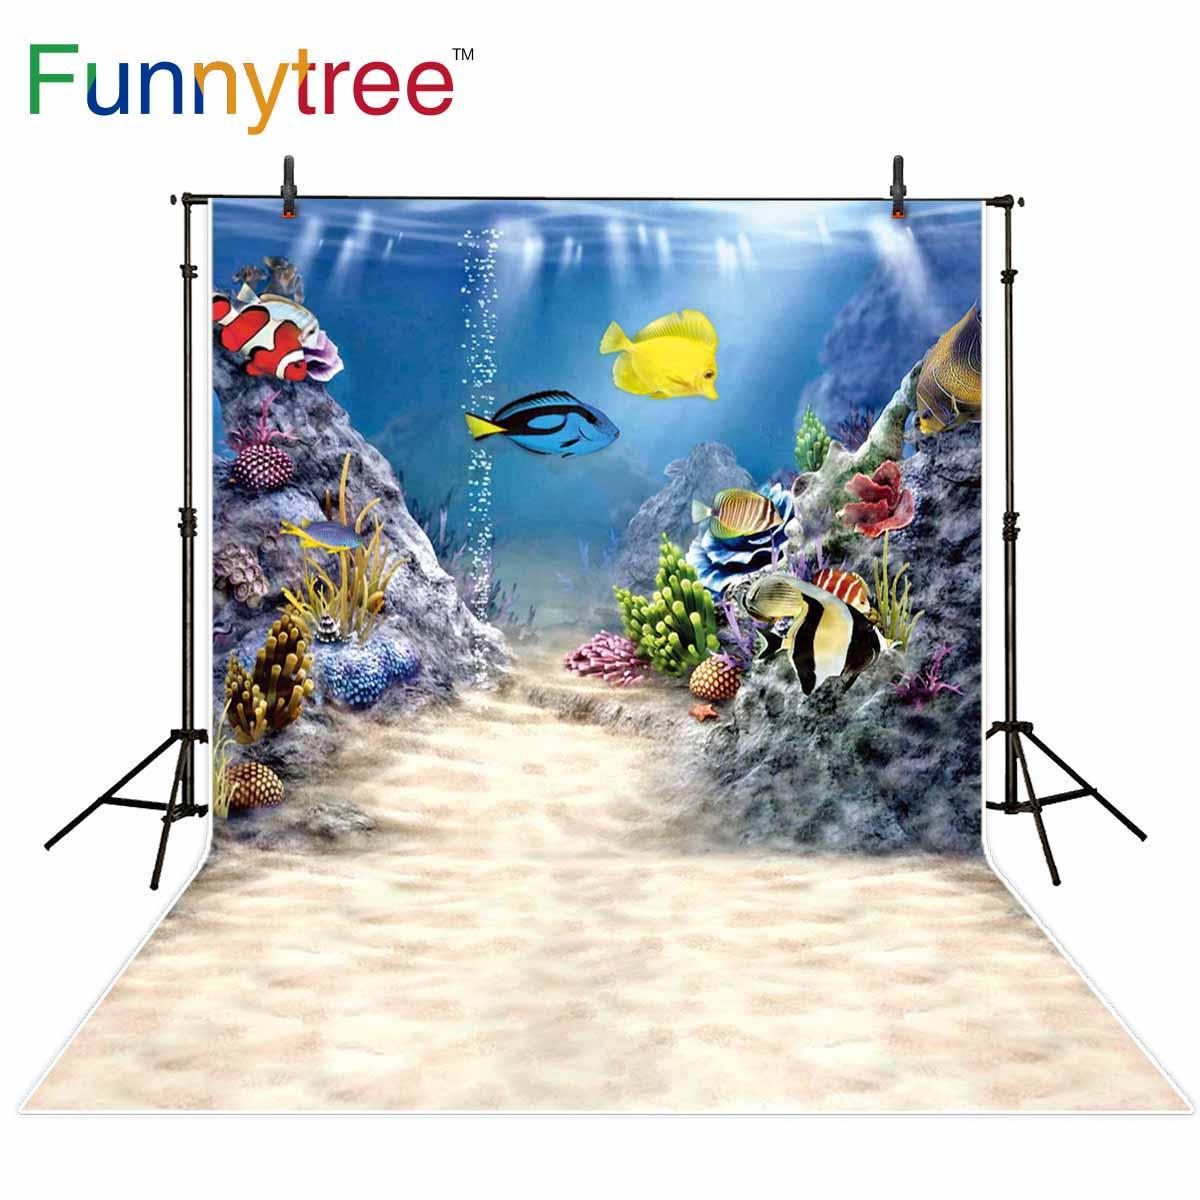 Фото - Funnytree Фон фотографии летний «Подводное царство» вечерние Тропические рыбы кораллового цвета для малышей Фото фон для студийного фотографи... подводное царство